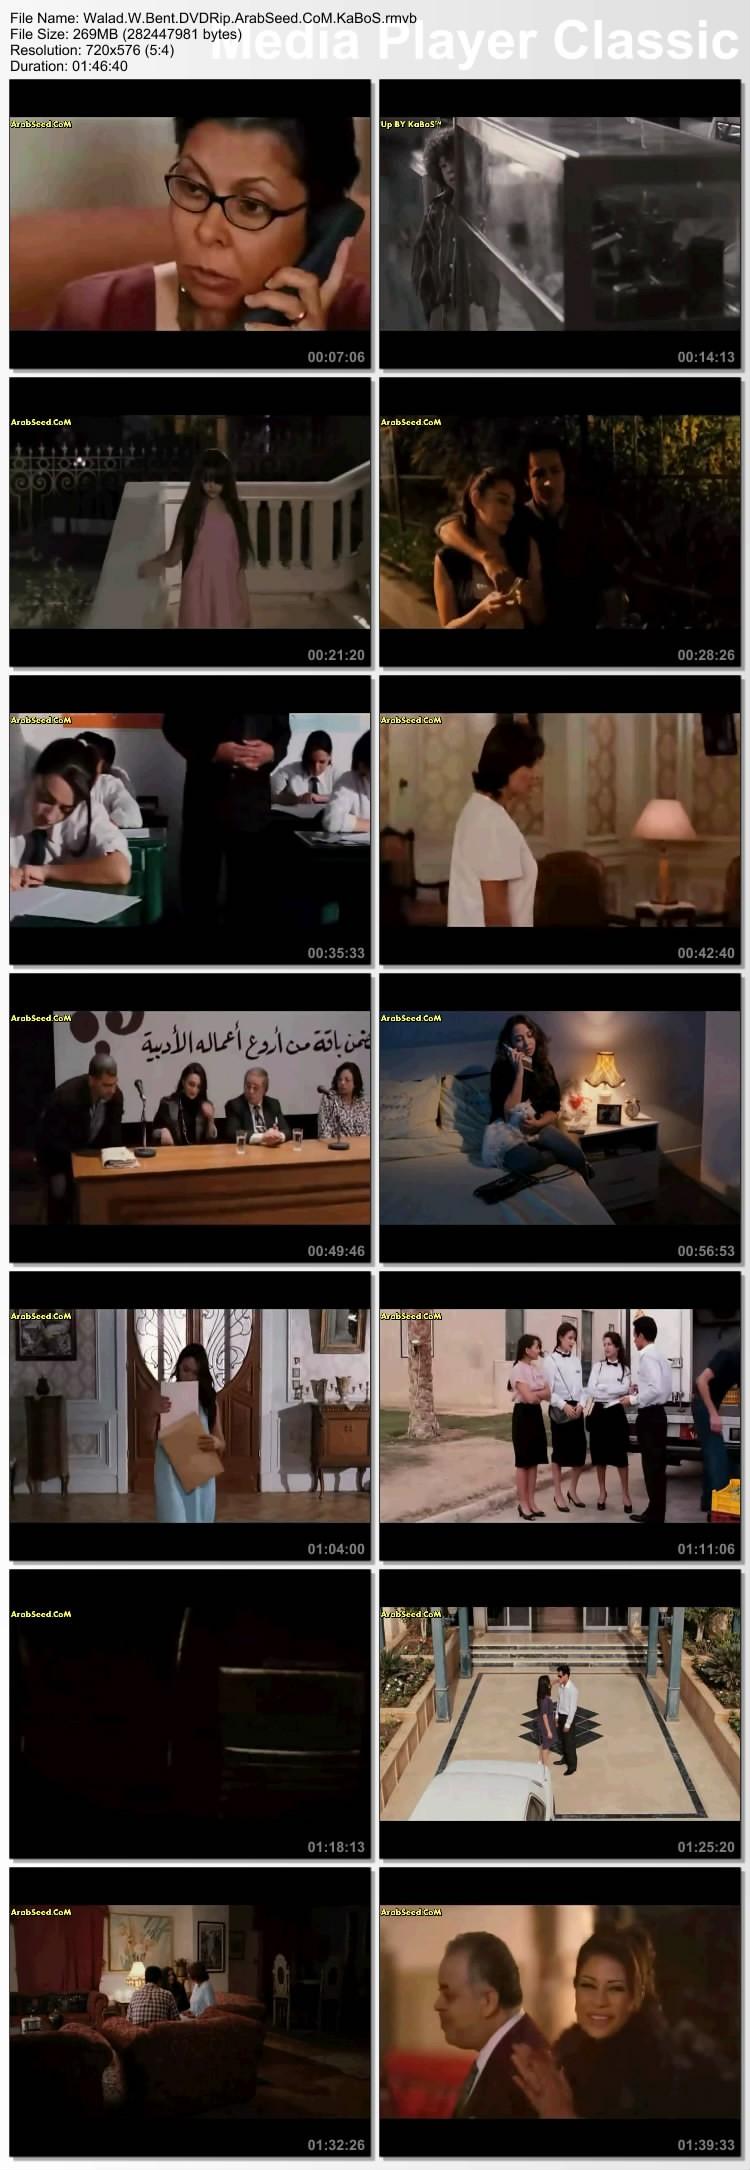 حصريا فيلم ولد و بنت ( كامل بدون حذف ) نسخة DVDRip تحميل مباشر Thumbs96